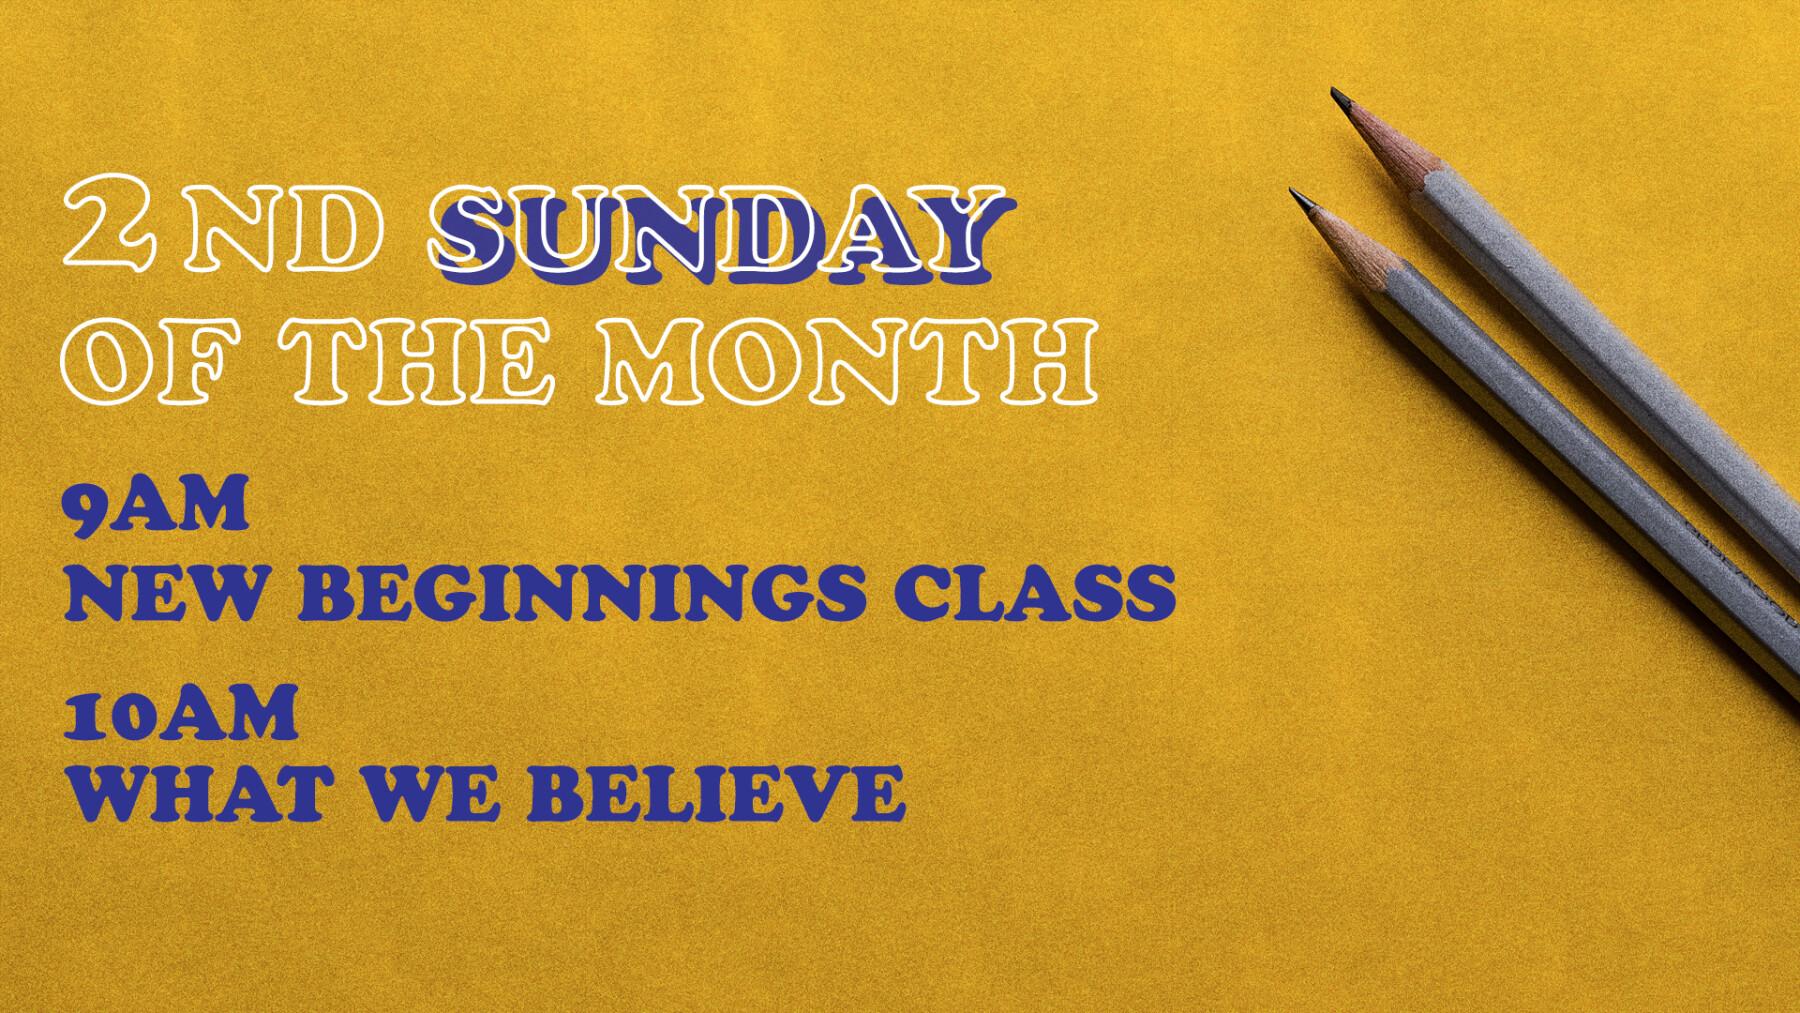 New Beginnings Class